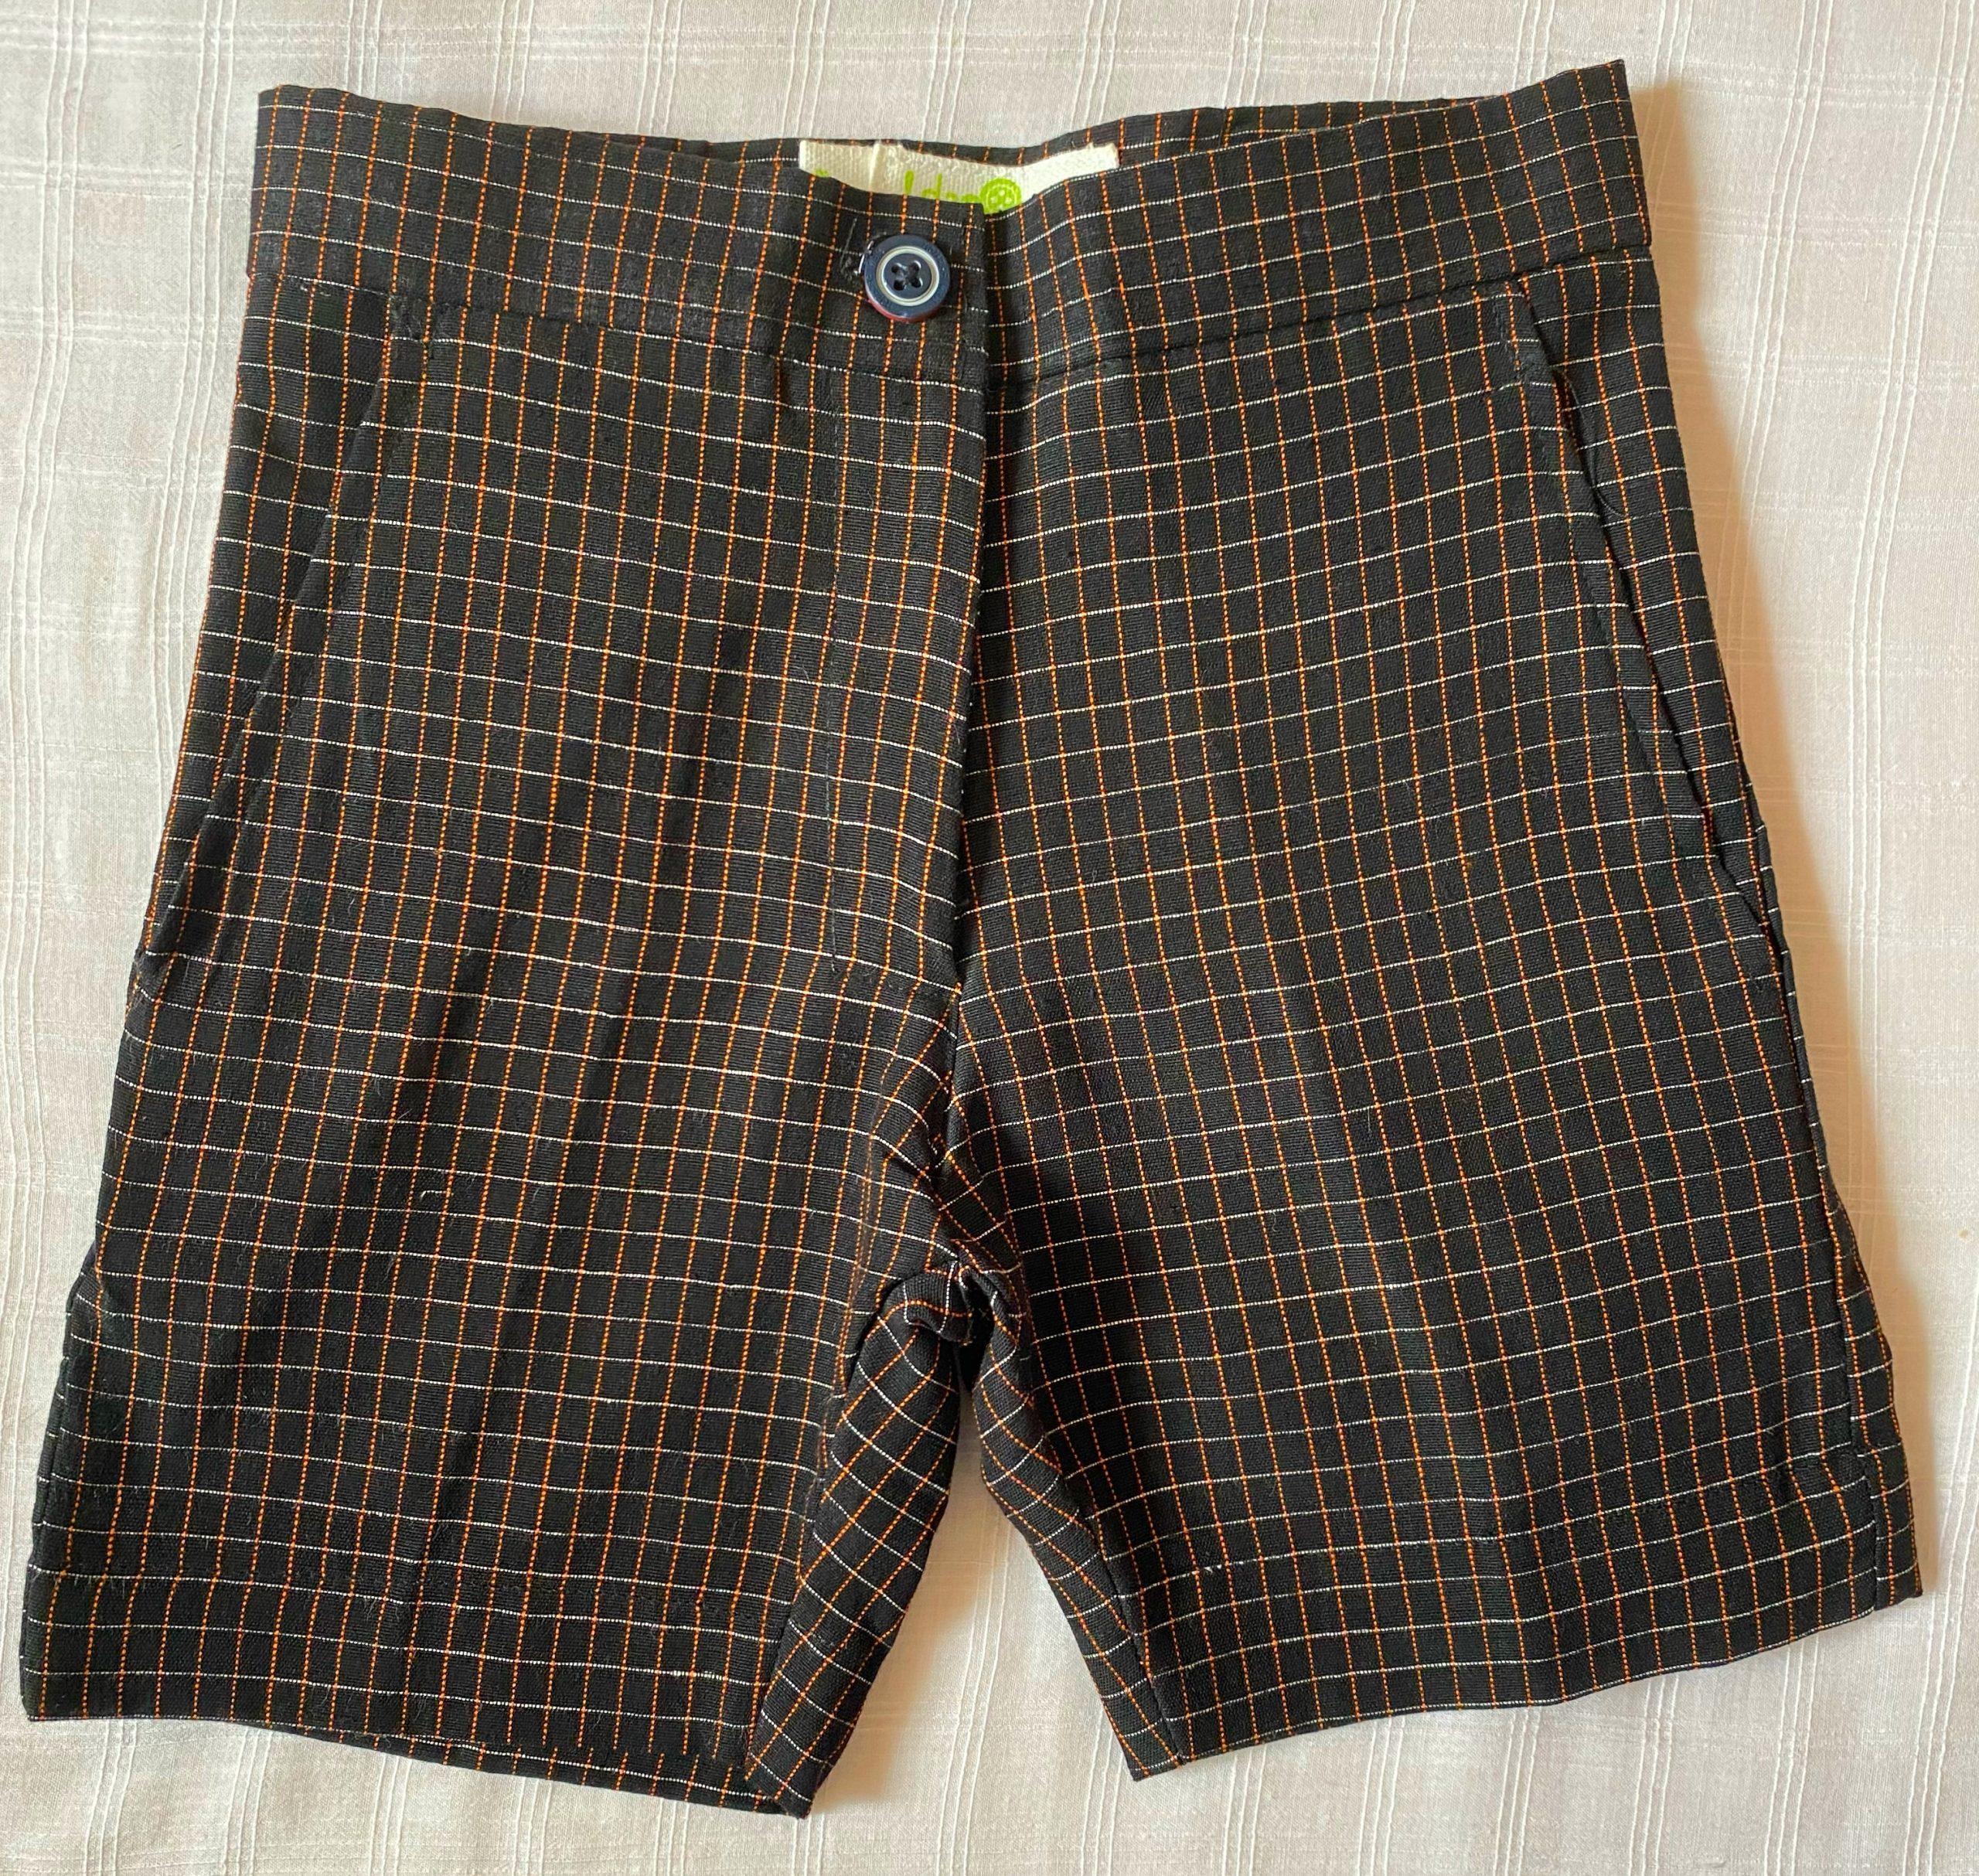 Checkerboard shorts